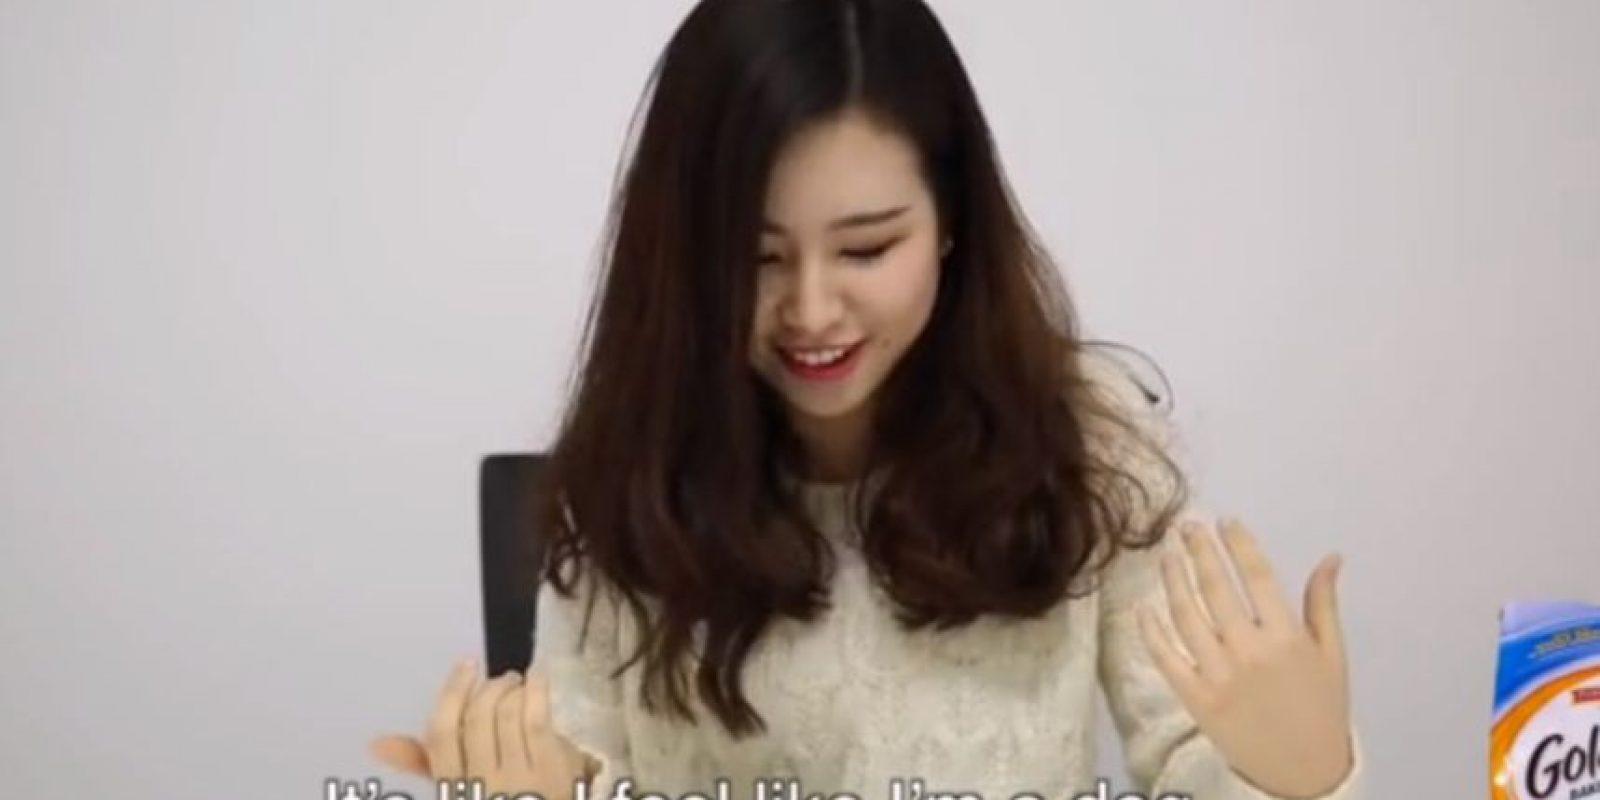 También bocadillos. Foto:sw yoon/Youtube